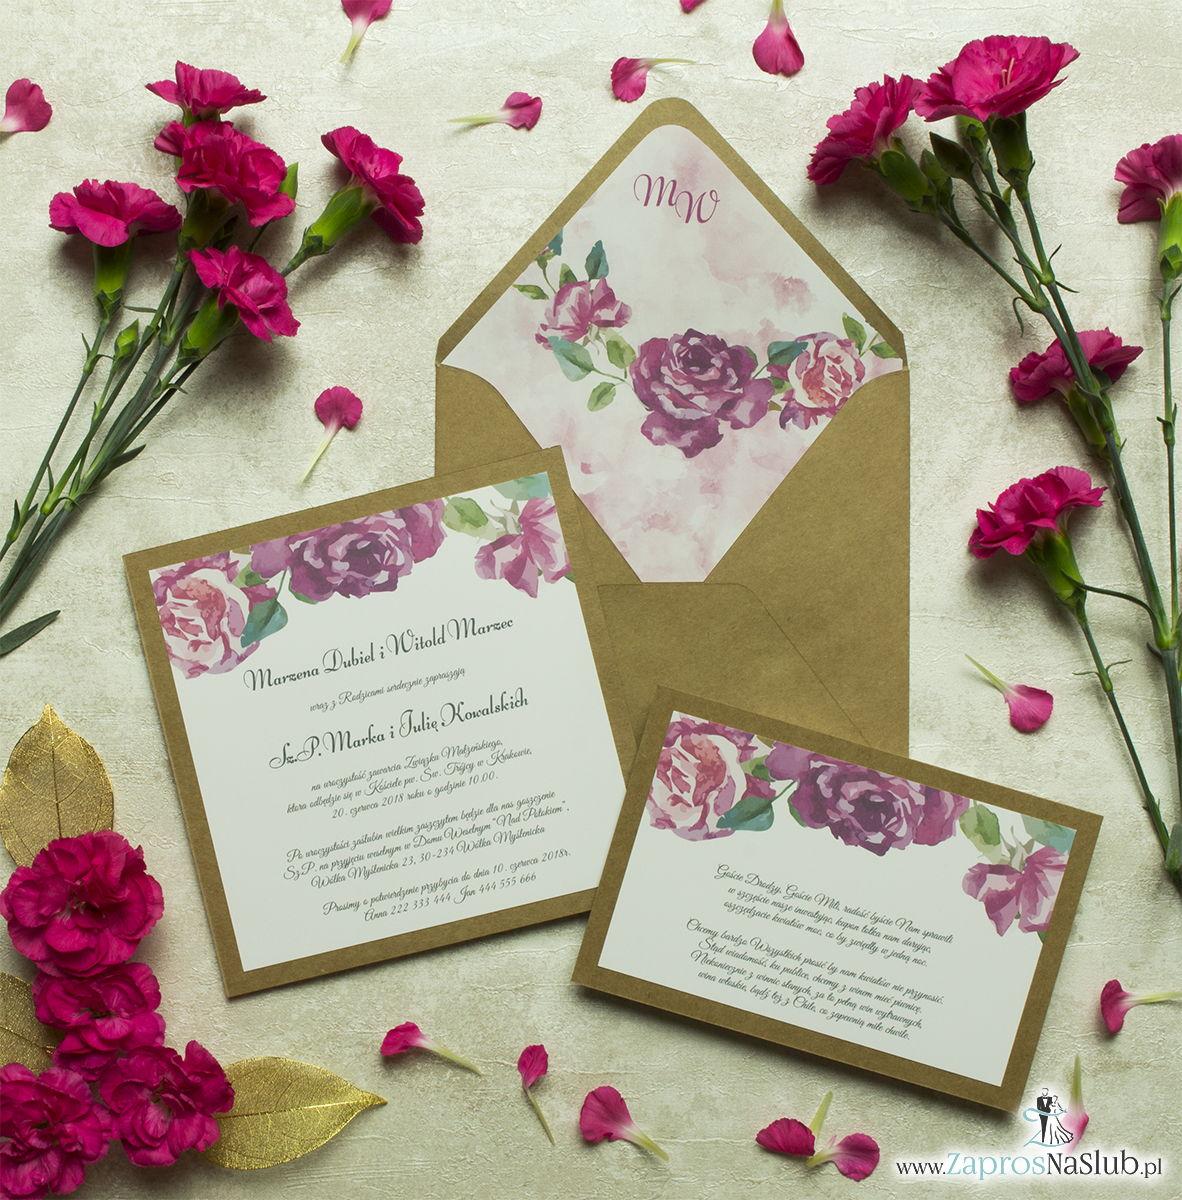 Dwuczęściowe, kwiatowe zaproszenia ślubne w stylu eko, z kwiatami róży. ZAP-76-16